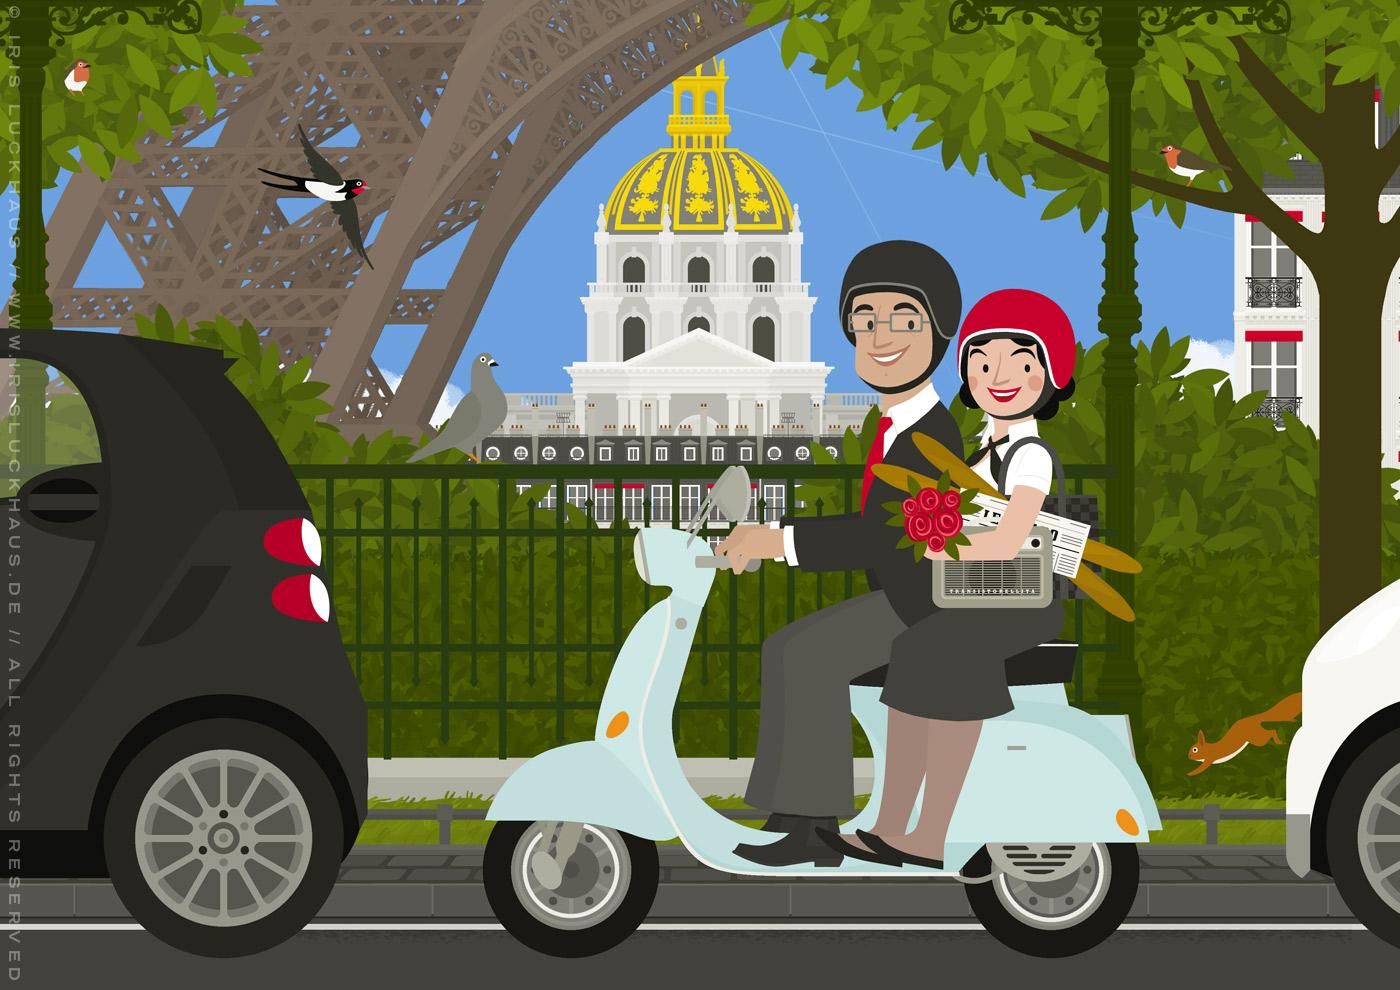 Zeichnung von einem schicken Paar, das auf einem Vespa Motorroller mit Radio und Baguette einen Ausflug durch Paris unternimmt und dabei am Eiffelturm und Invalides vorbeikommt, von Iris Luckhaus